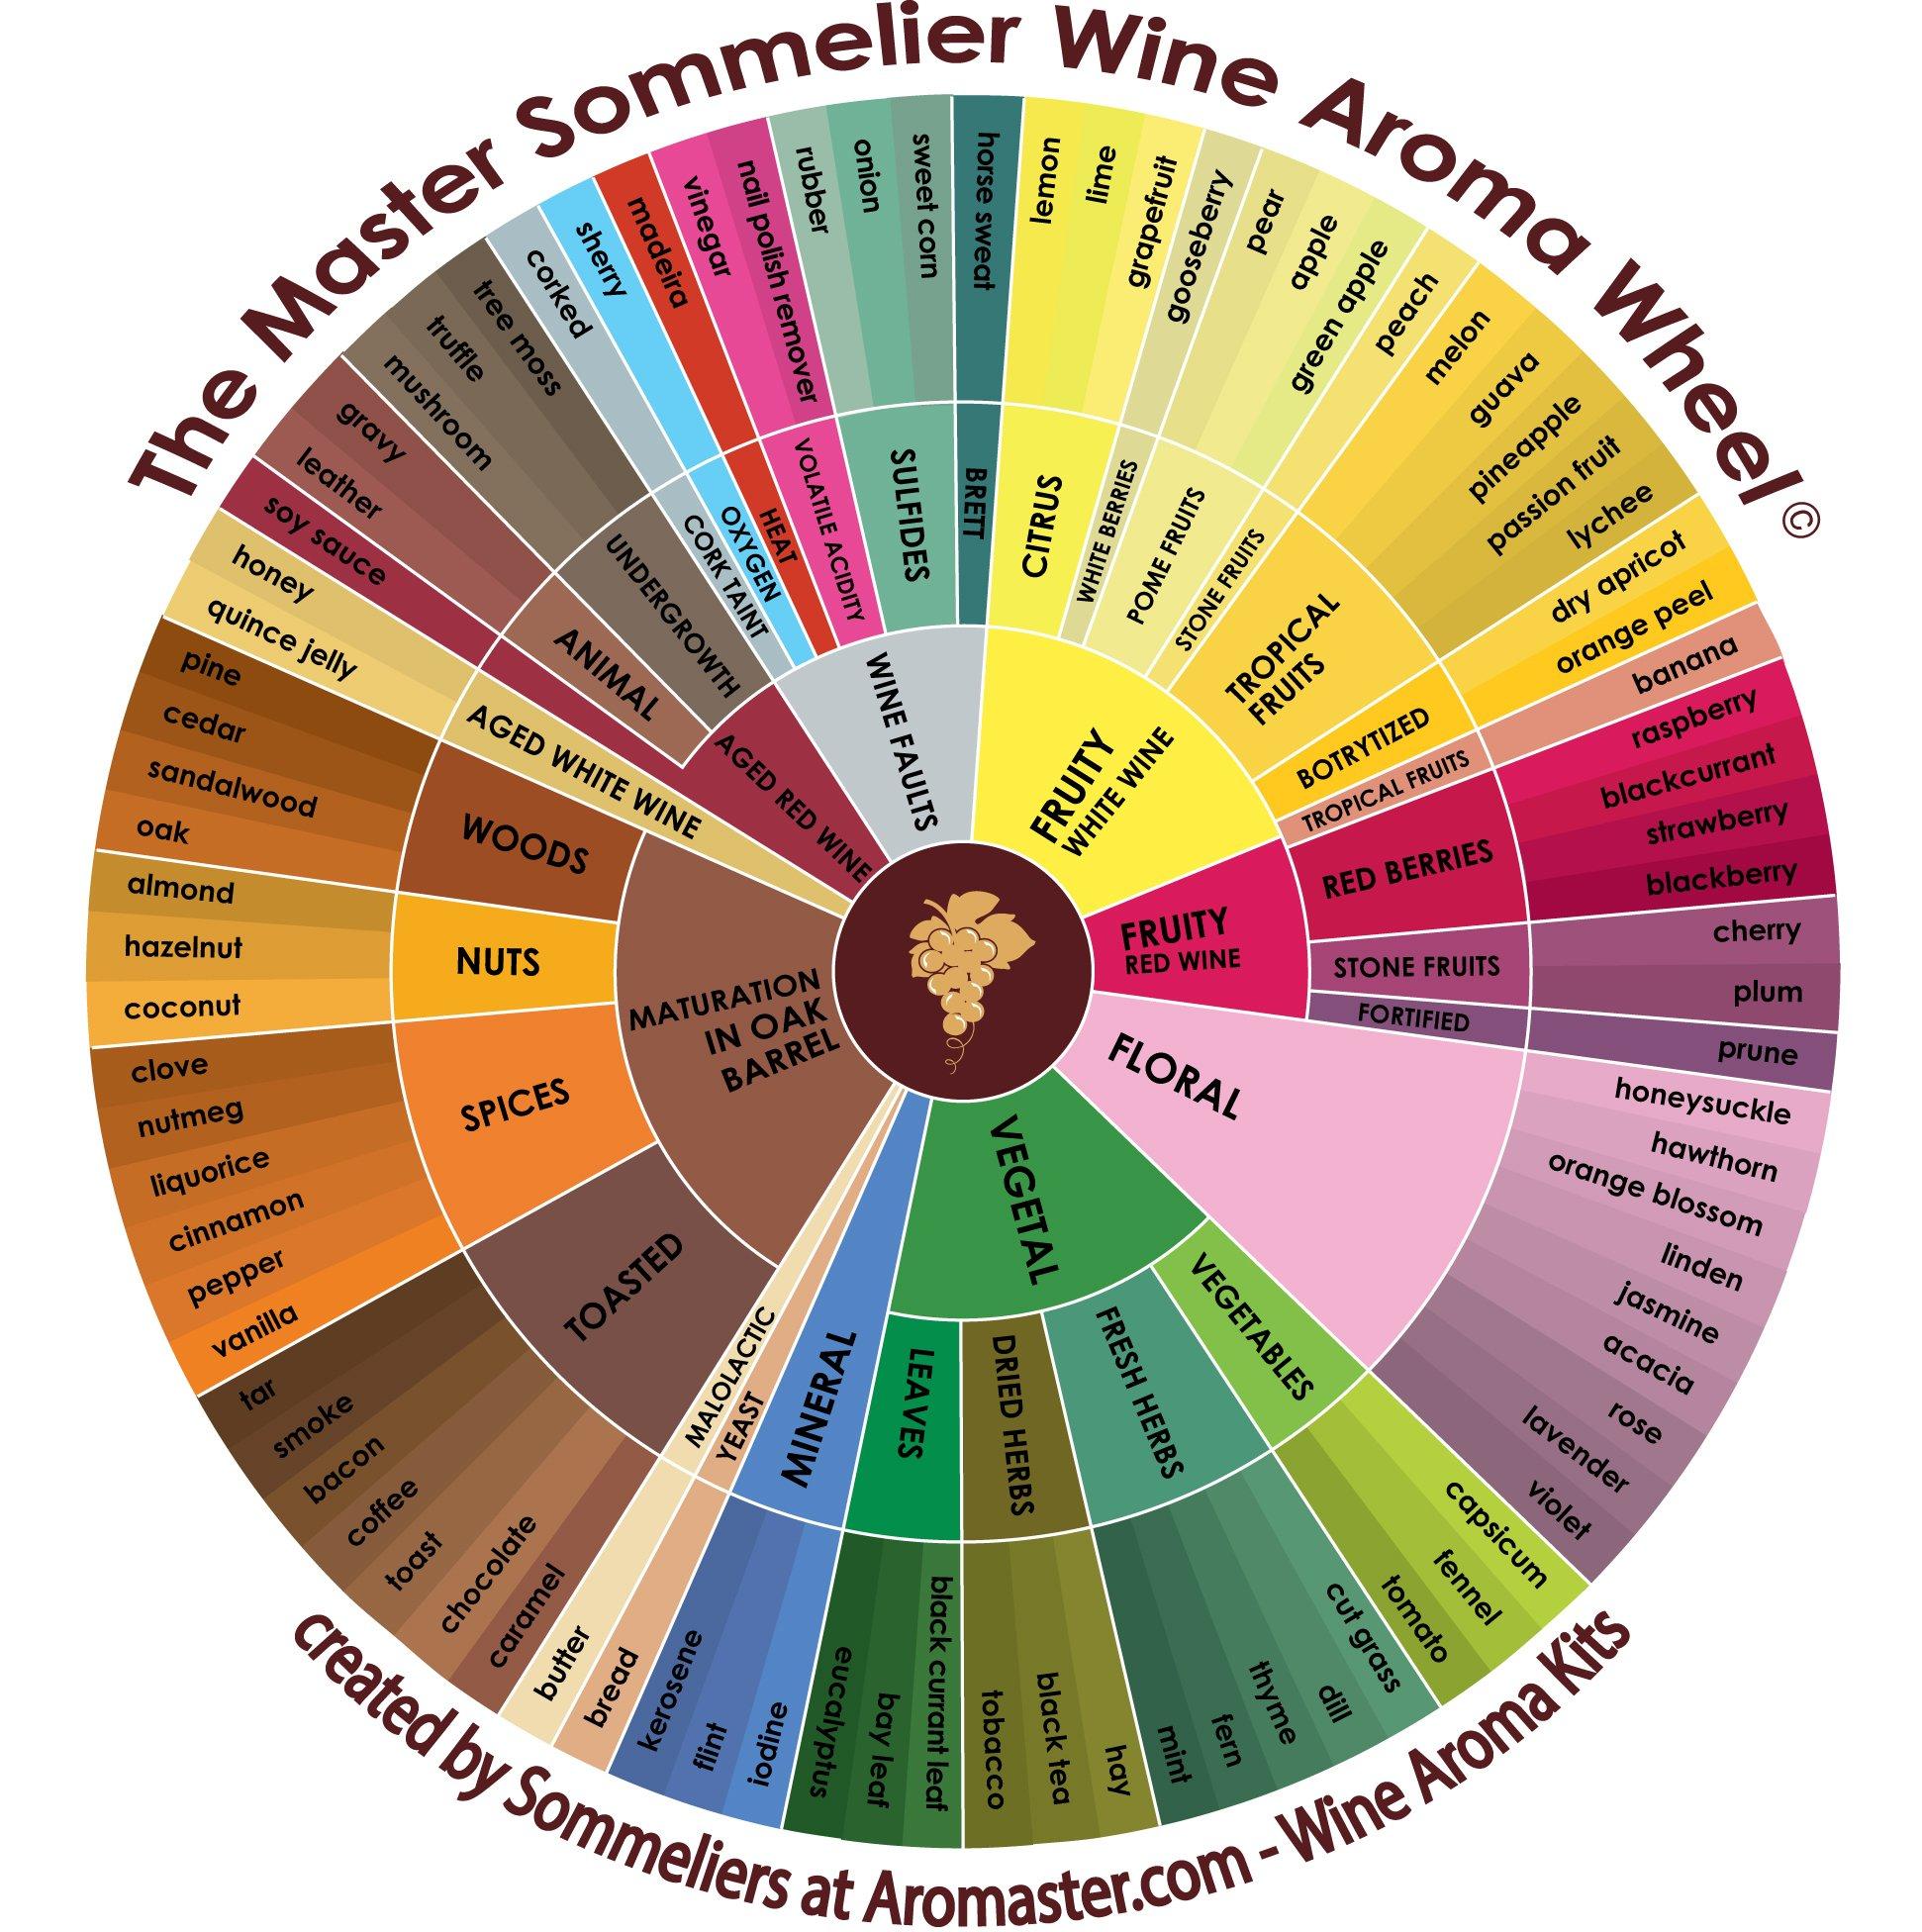 Red Wine Aroma Kit - 24 Aromas (incl. Wine Aroma Wheel) by Aromaster (Image #5)